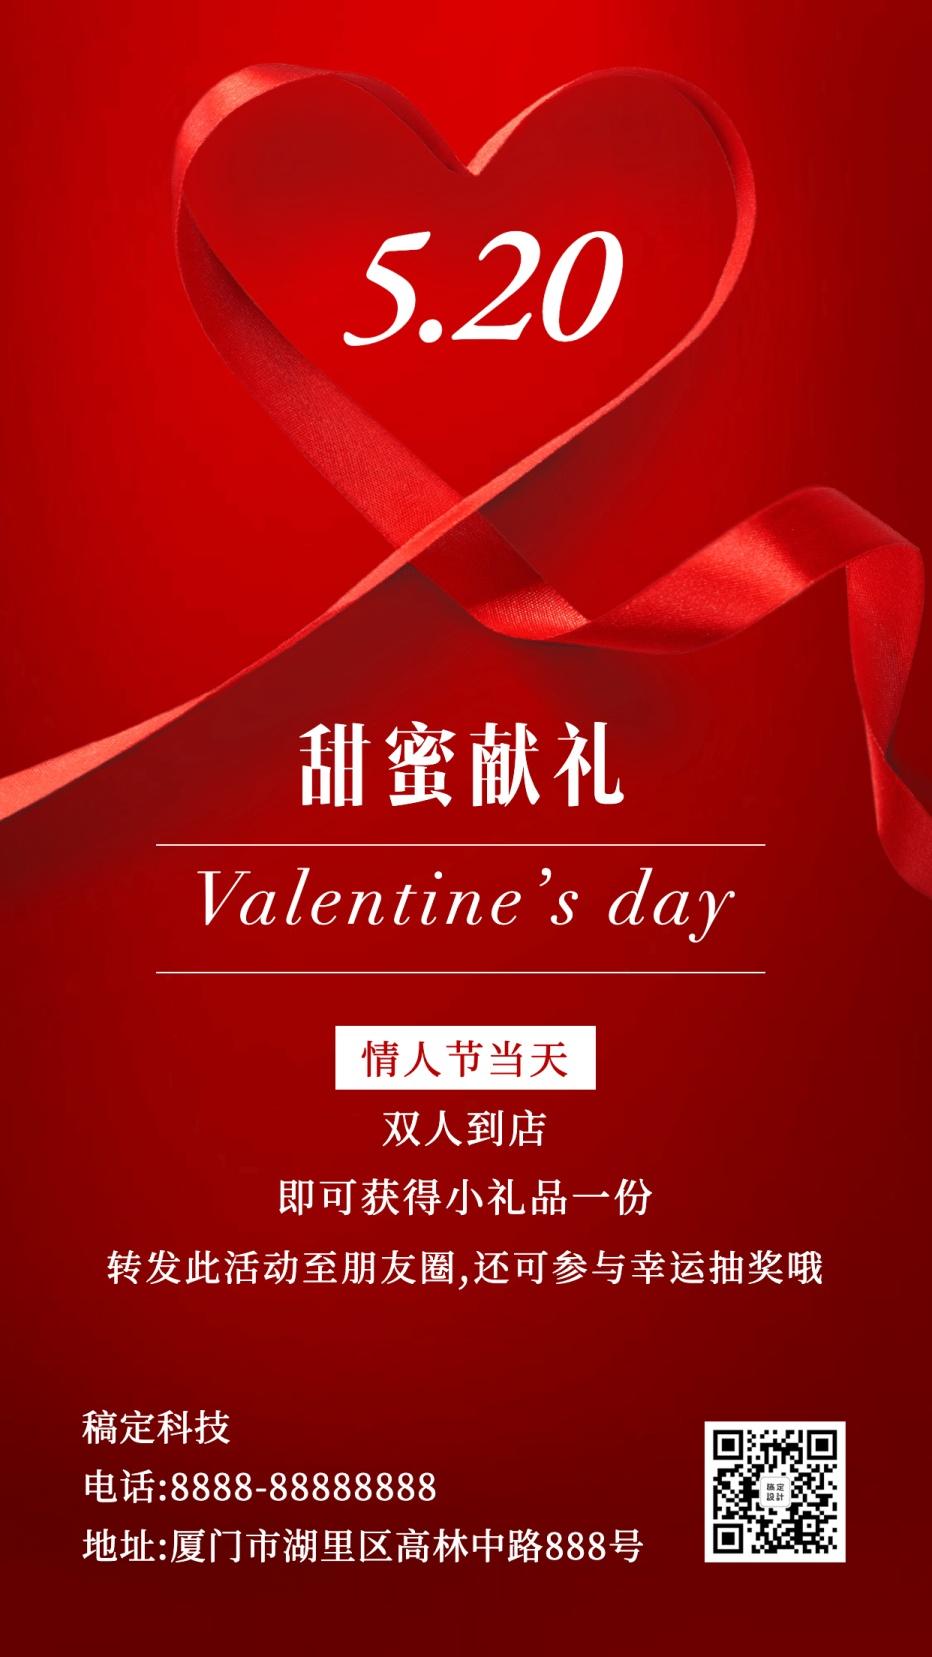 520情人节活动促销宣传手机海报